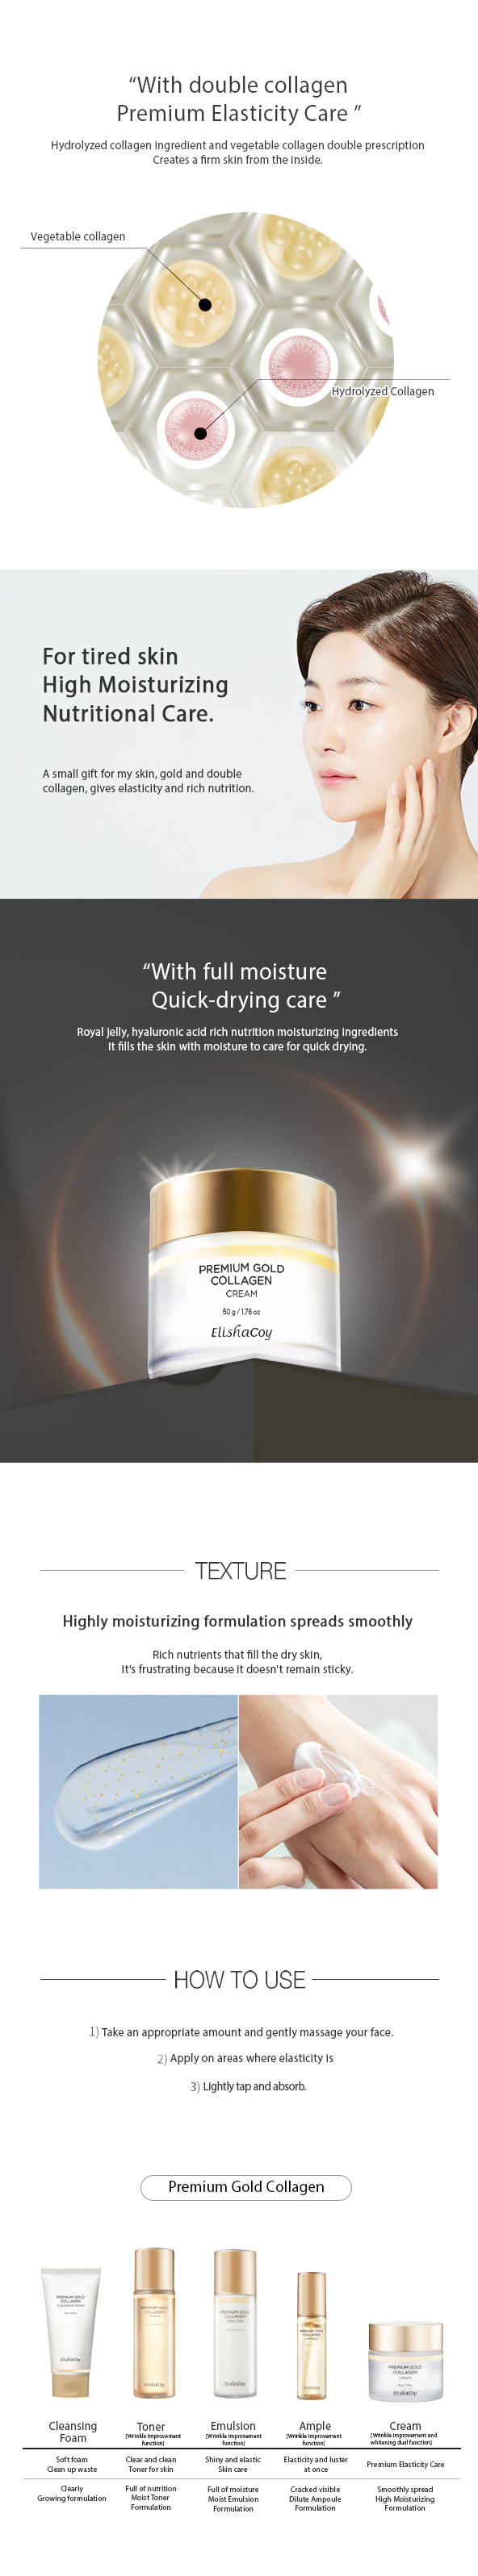 Premium Gold Collagen Cream